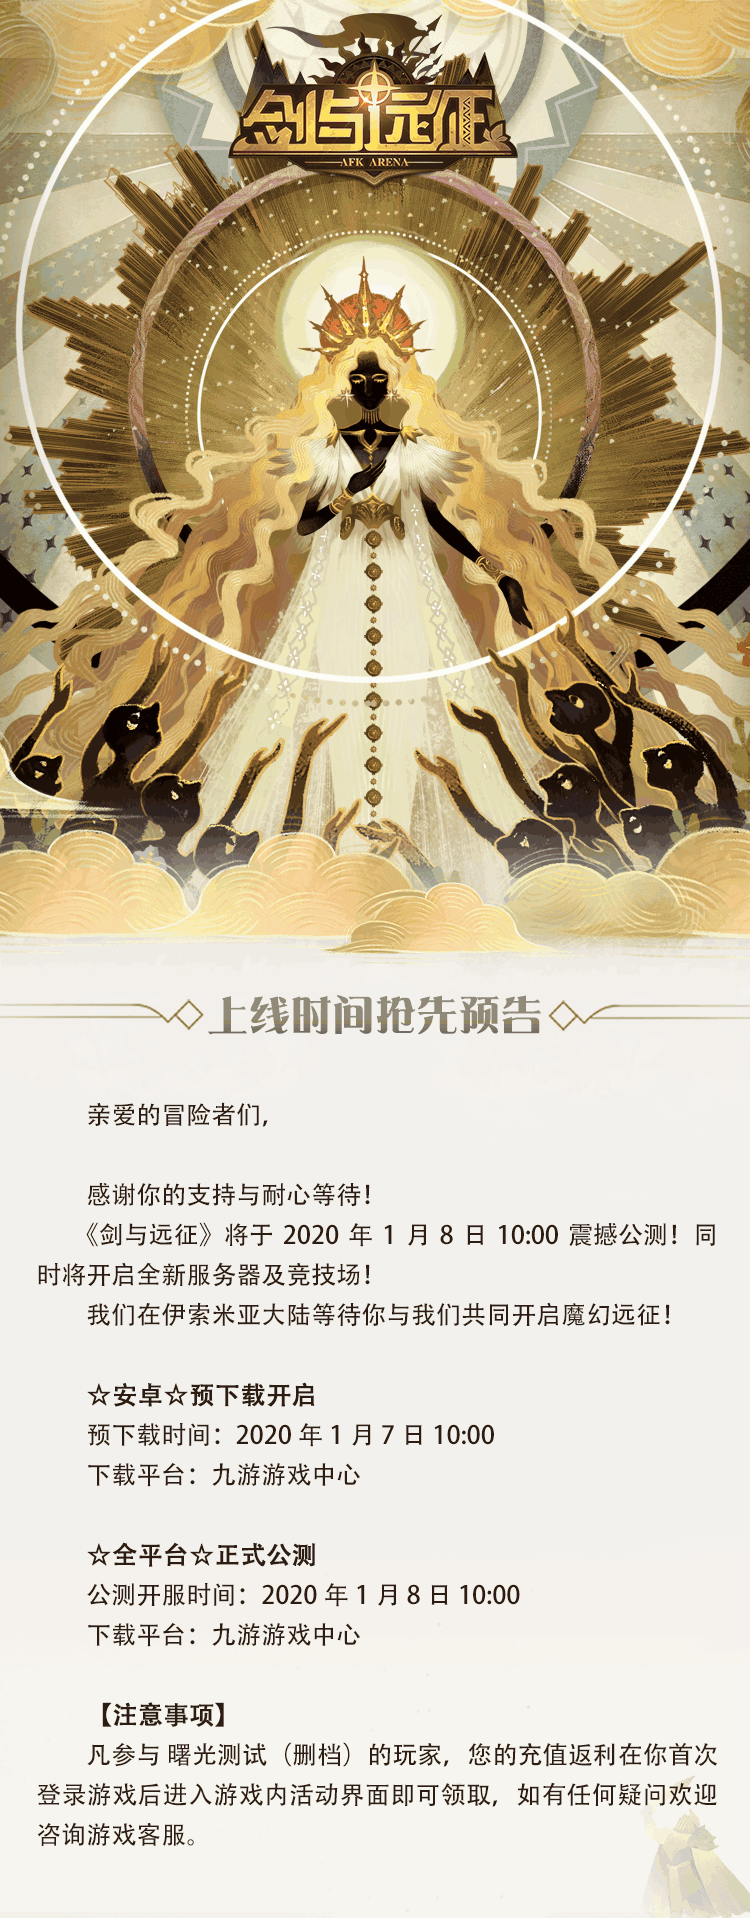 九游公告海报s750.png